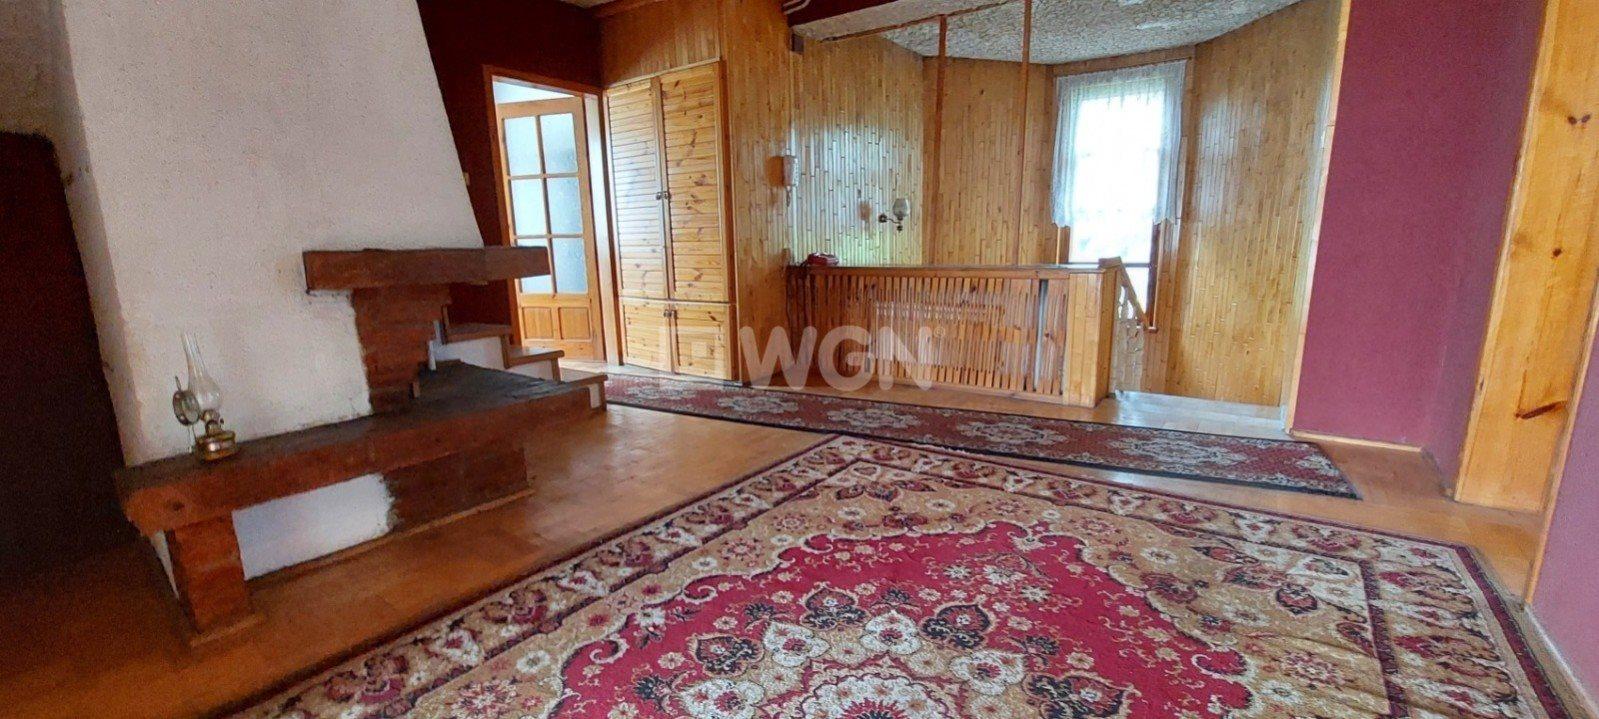 Dom na sprzedaż Sulejów, Sulejów  270m2 Foto 6